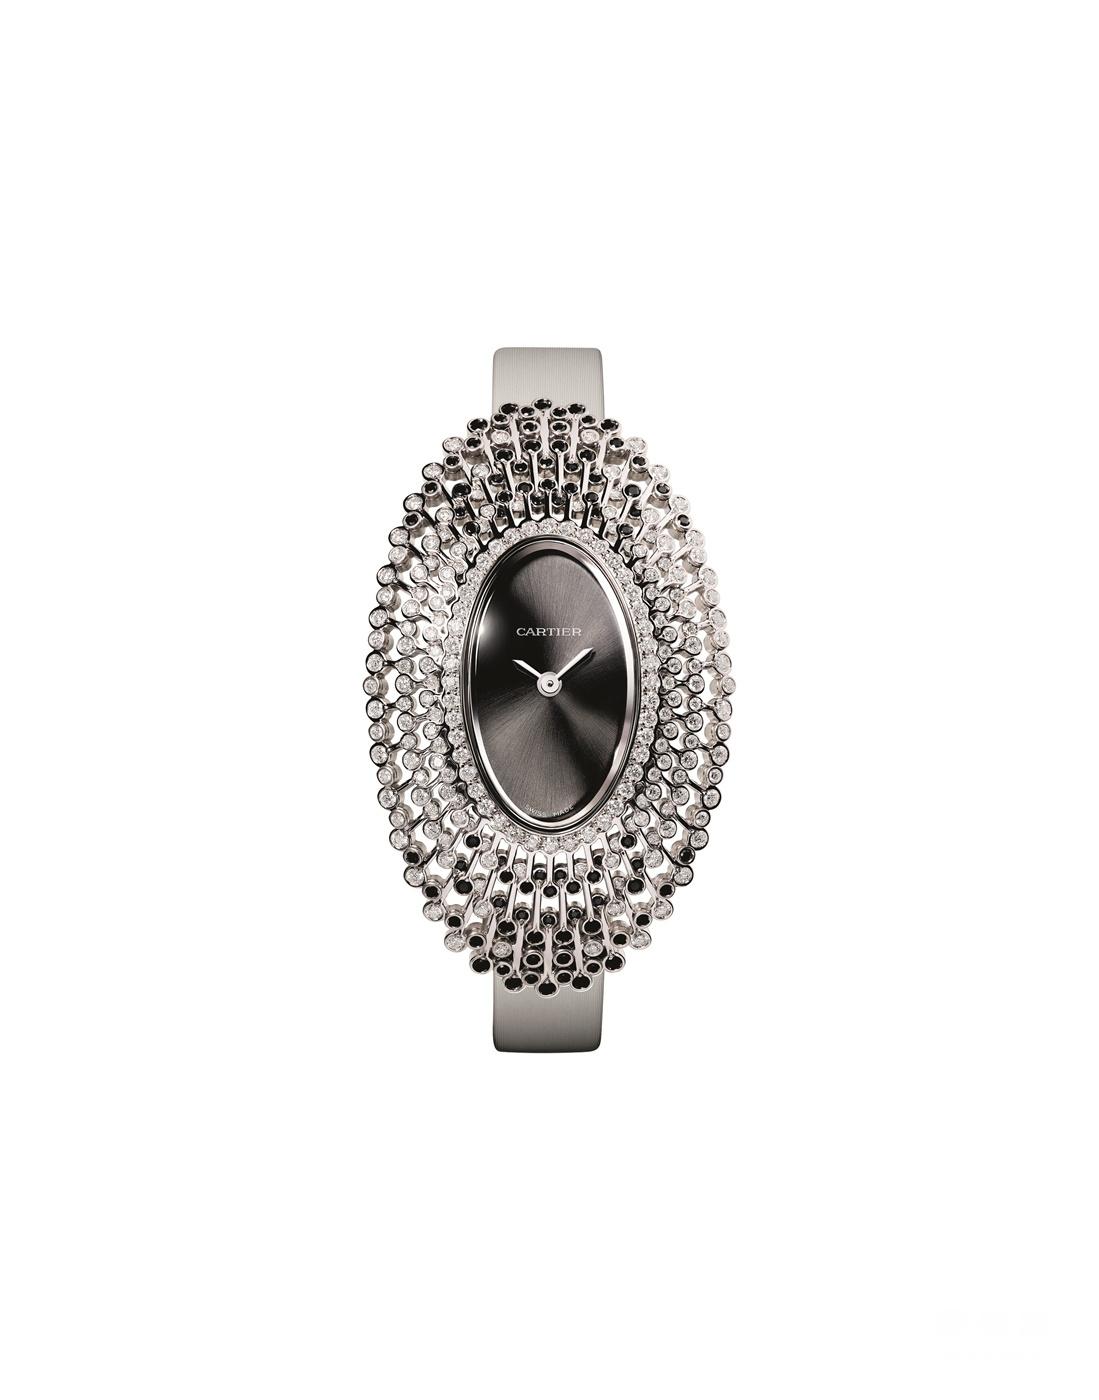 Cartier Libre系列腕表